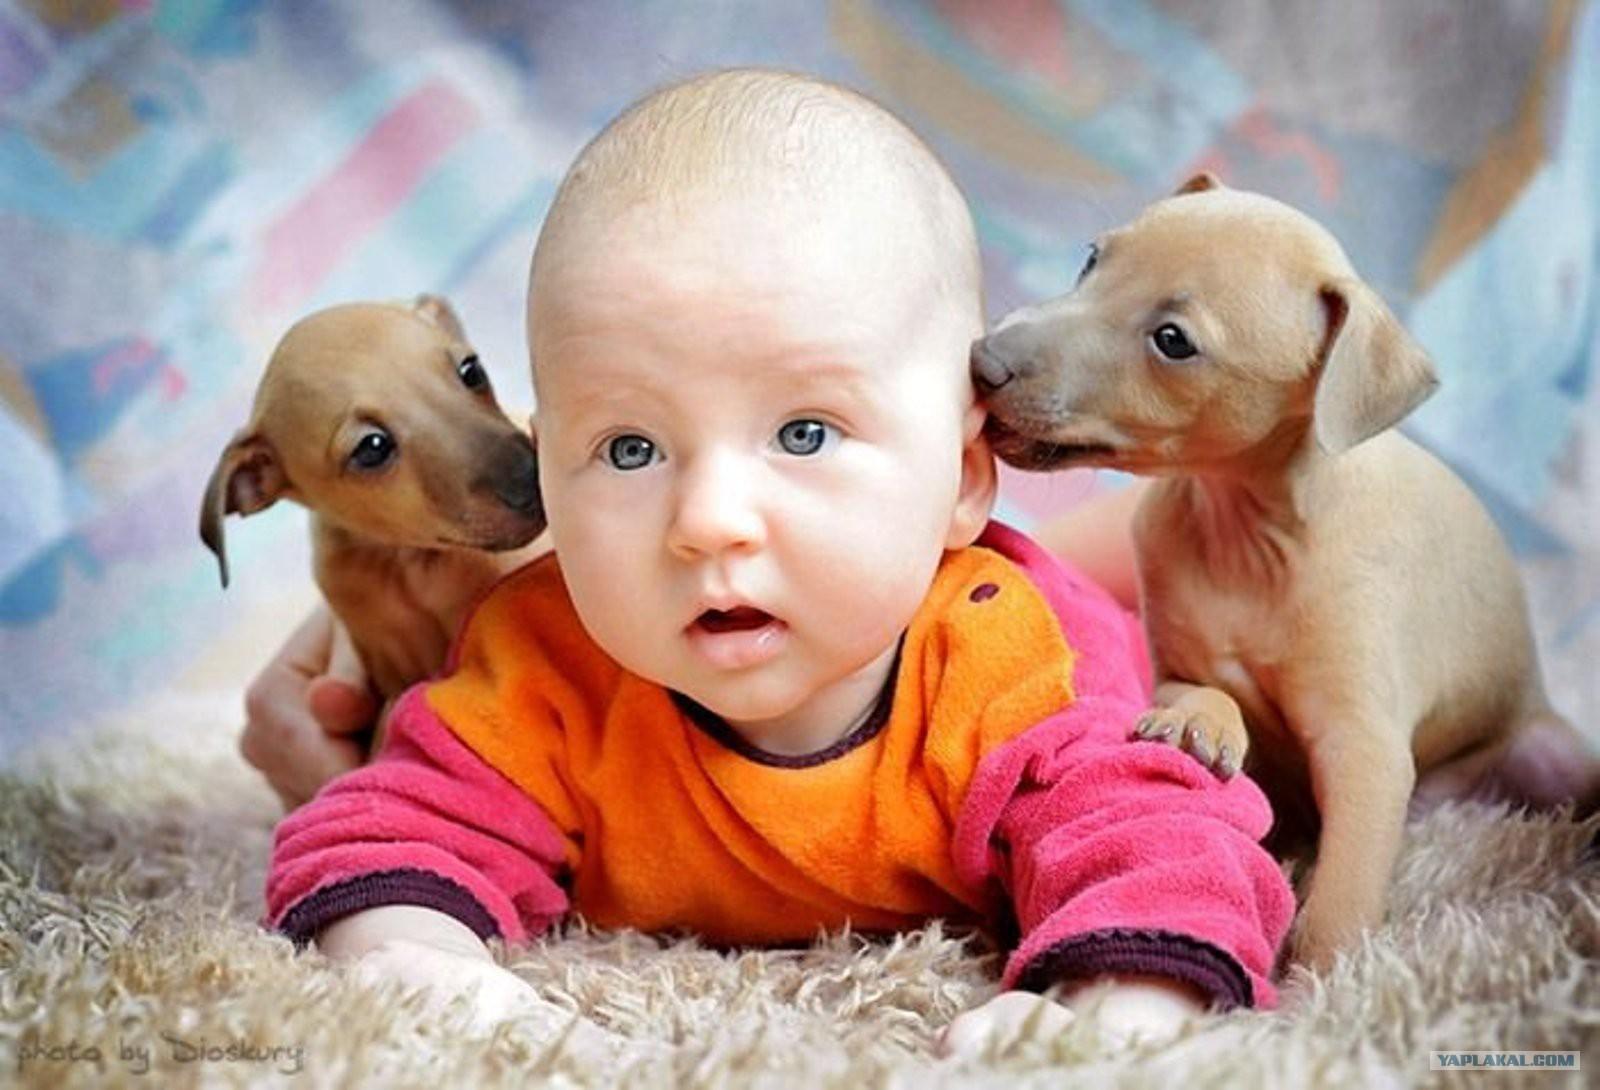 Смотреть онлайн милая маленькая няня 23 фотография